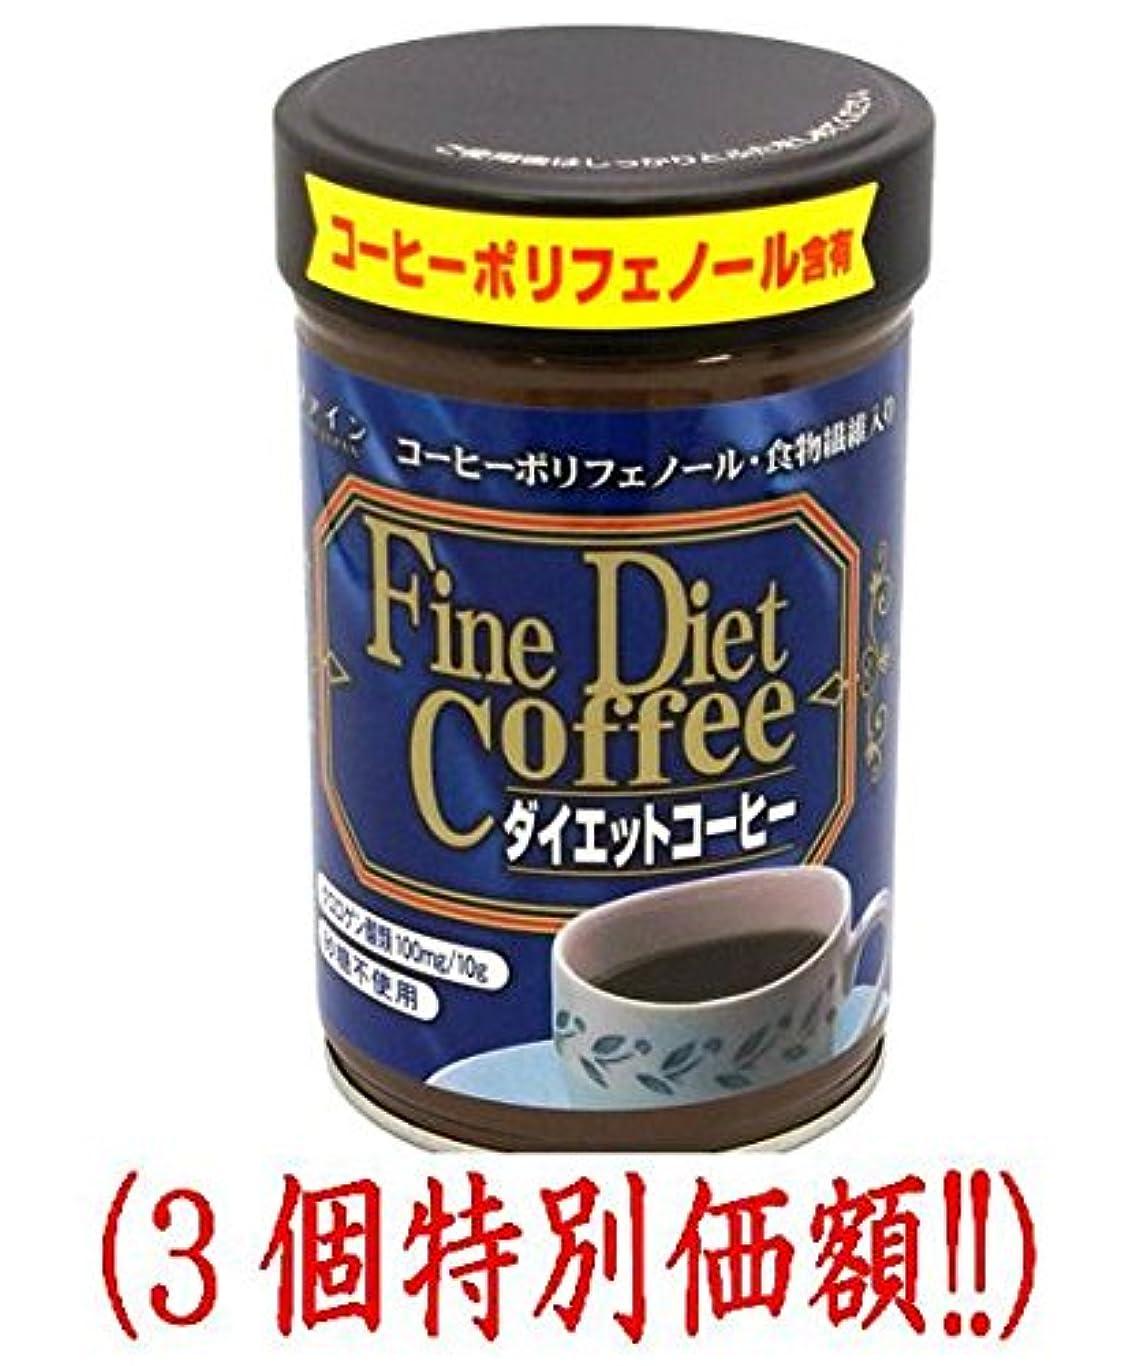 ラフ評価可能手錠ファイン ダイエットコーヒー【3本セット】